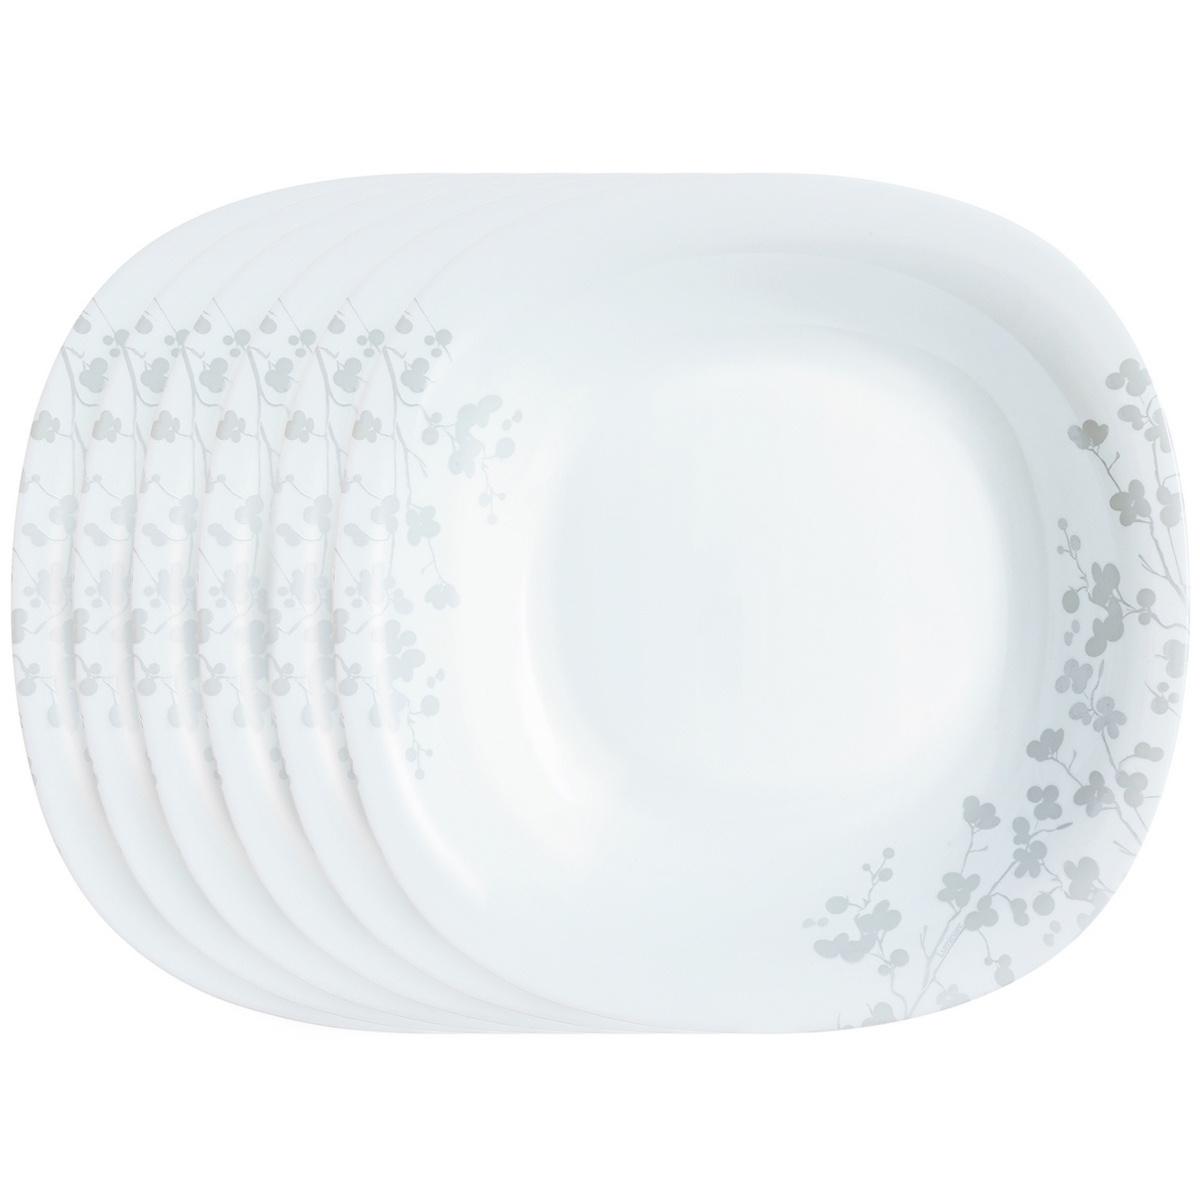 Luminarc Sada hlubokých talířů Ombrelle 21 cm, 6 ks, bílá